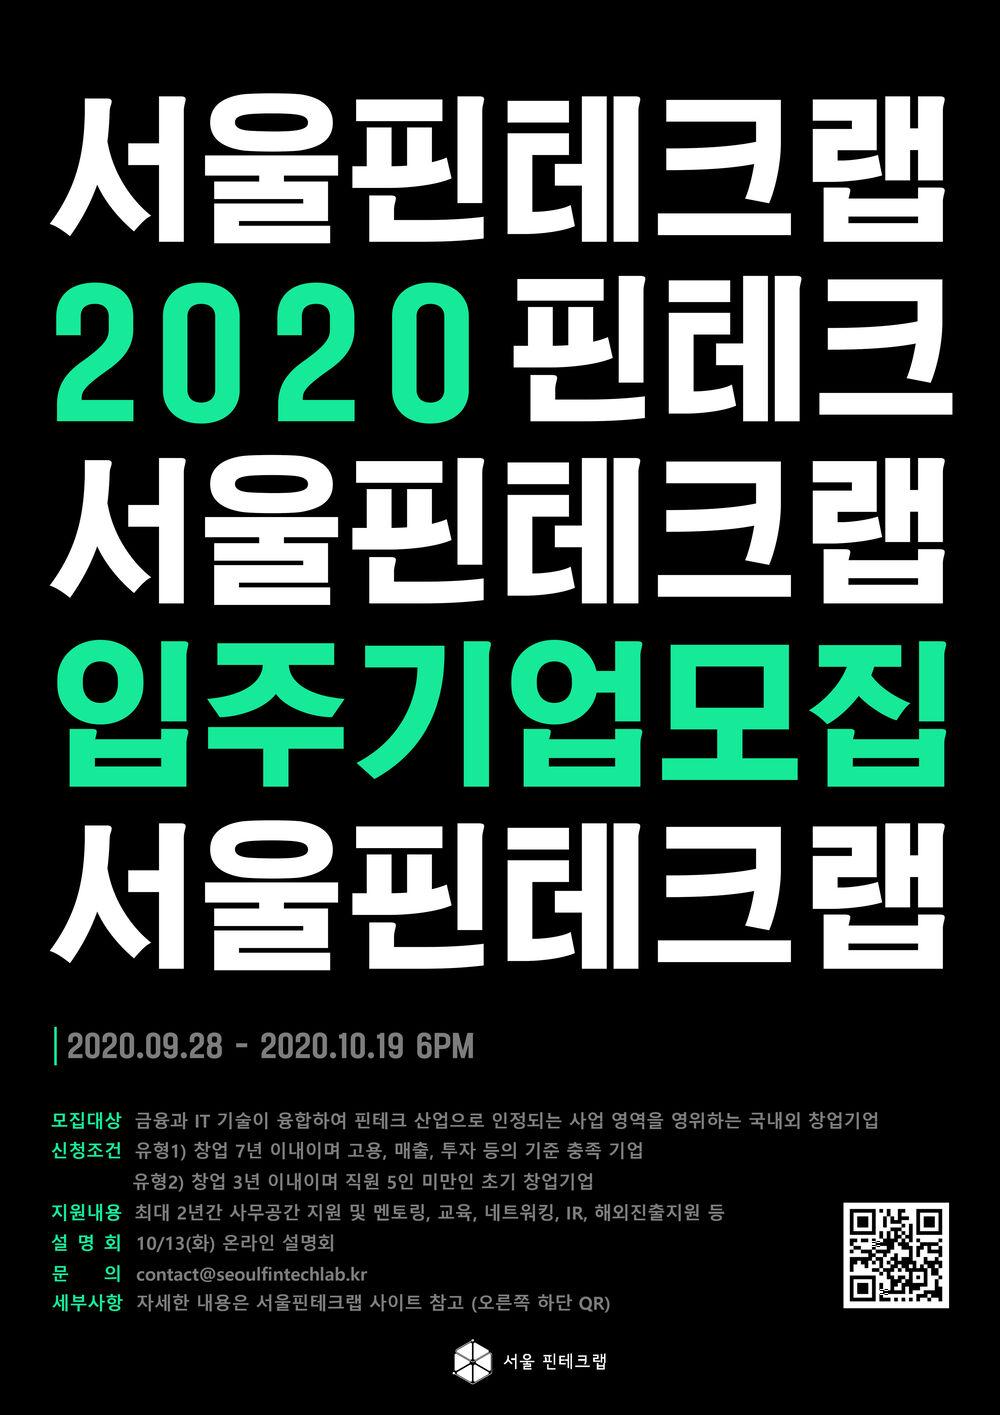 서울핀테크랩 신규 입주기업 모집 추가공고 포스터.jpg